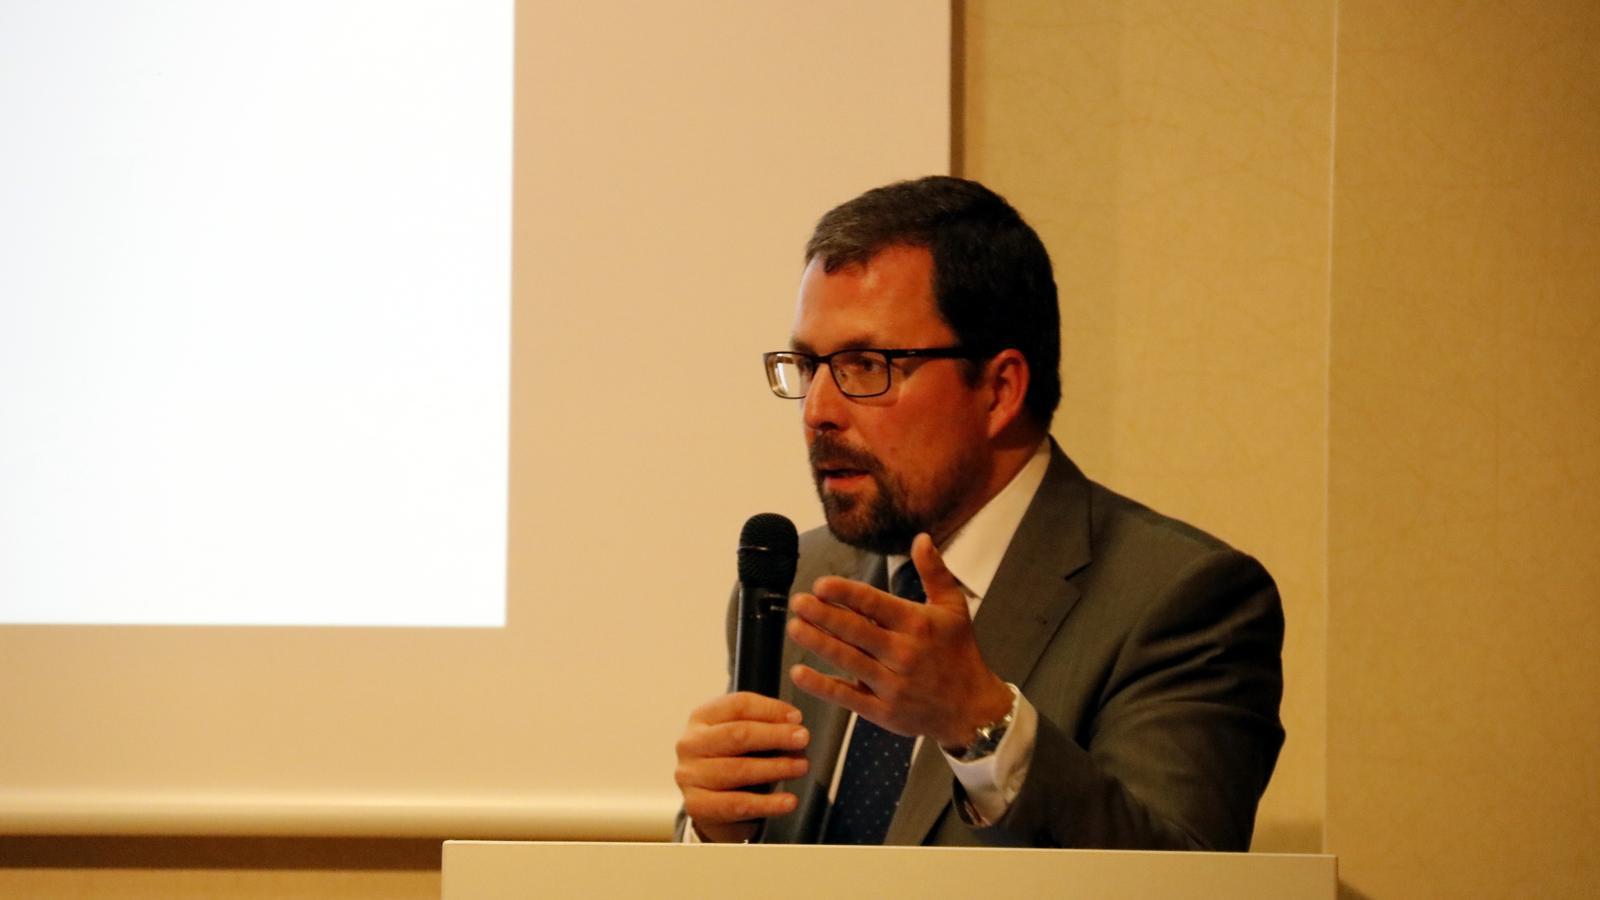 El secretari d'Indústria del govern espanyol, Raúl Blanco, en una imatge del gener passat.